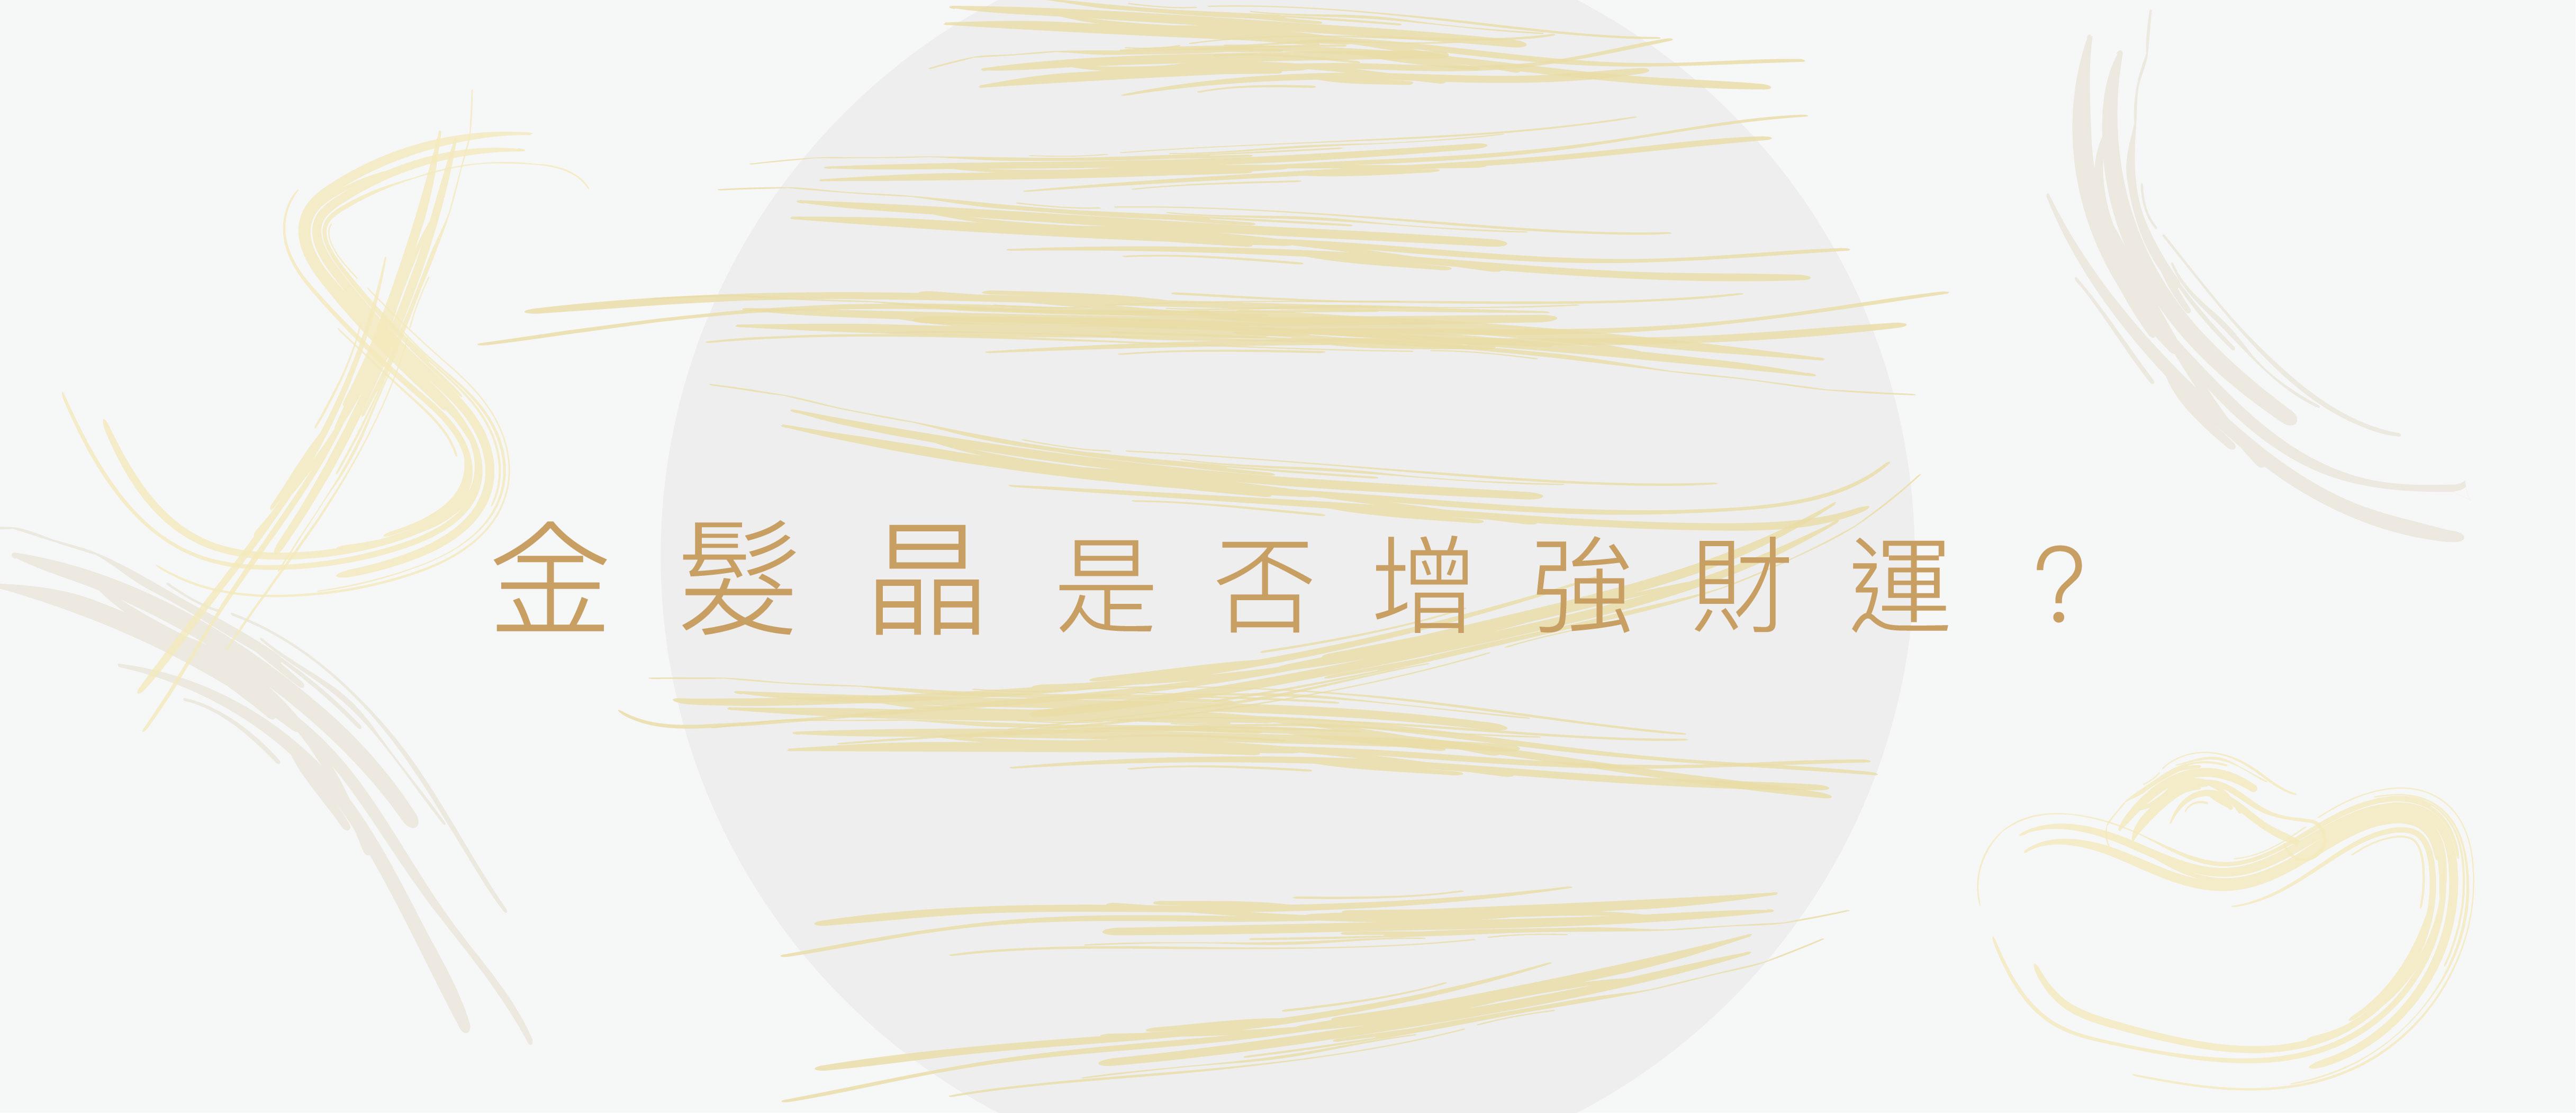 金髮晶是否增強財運?